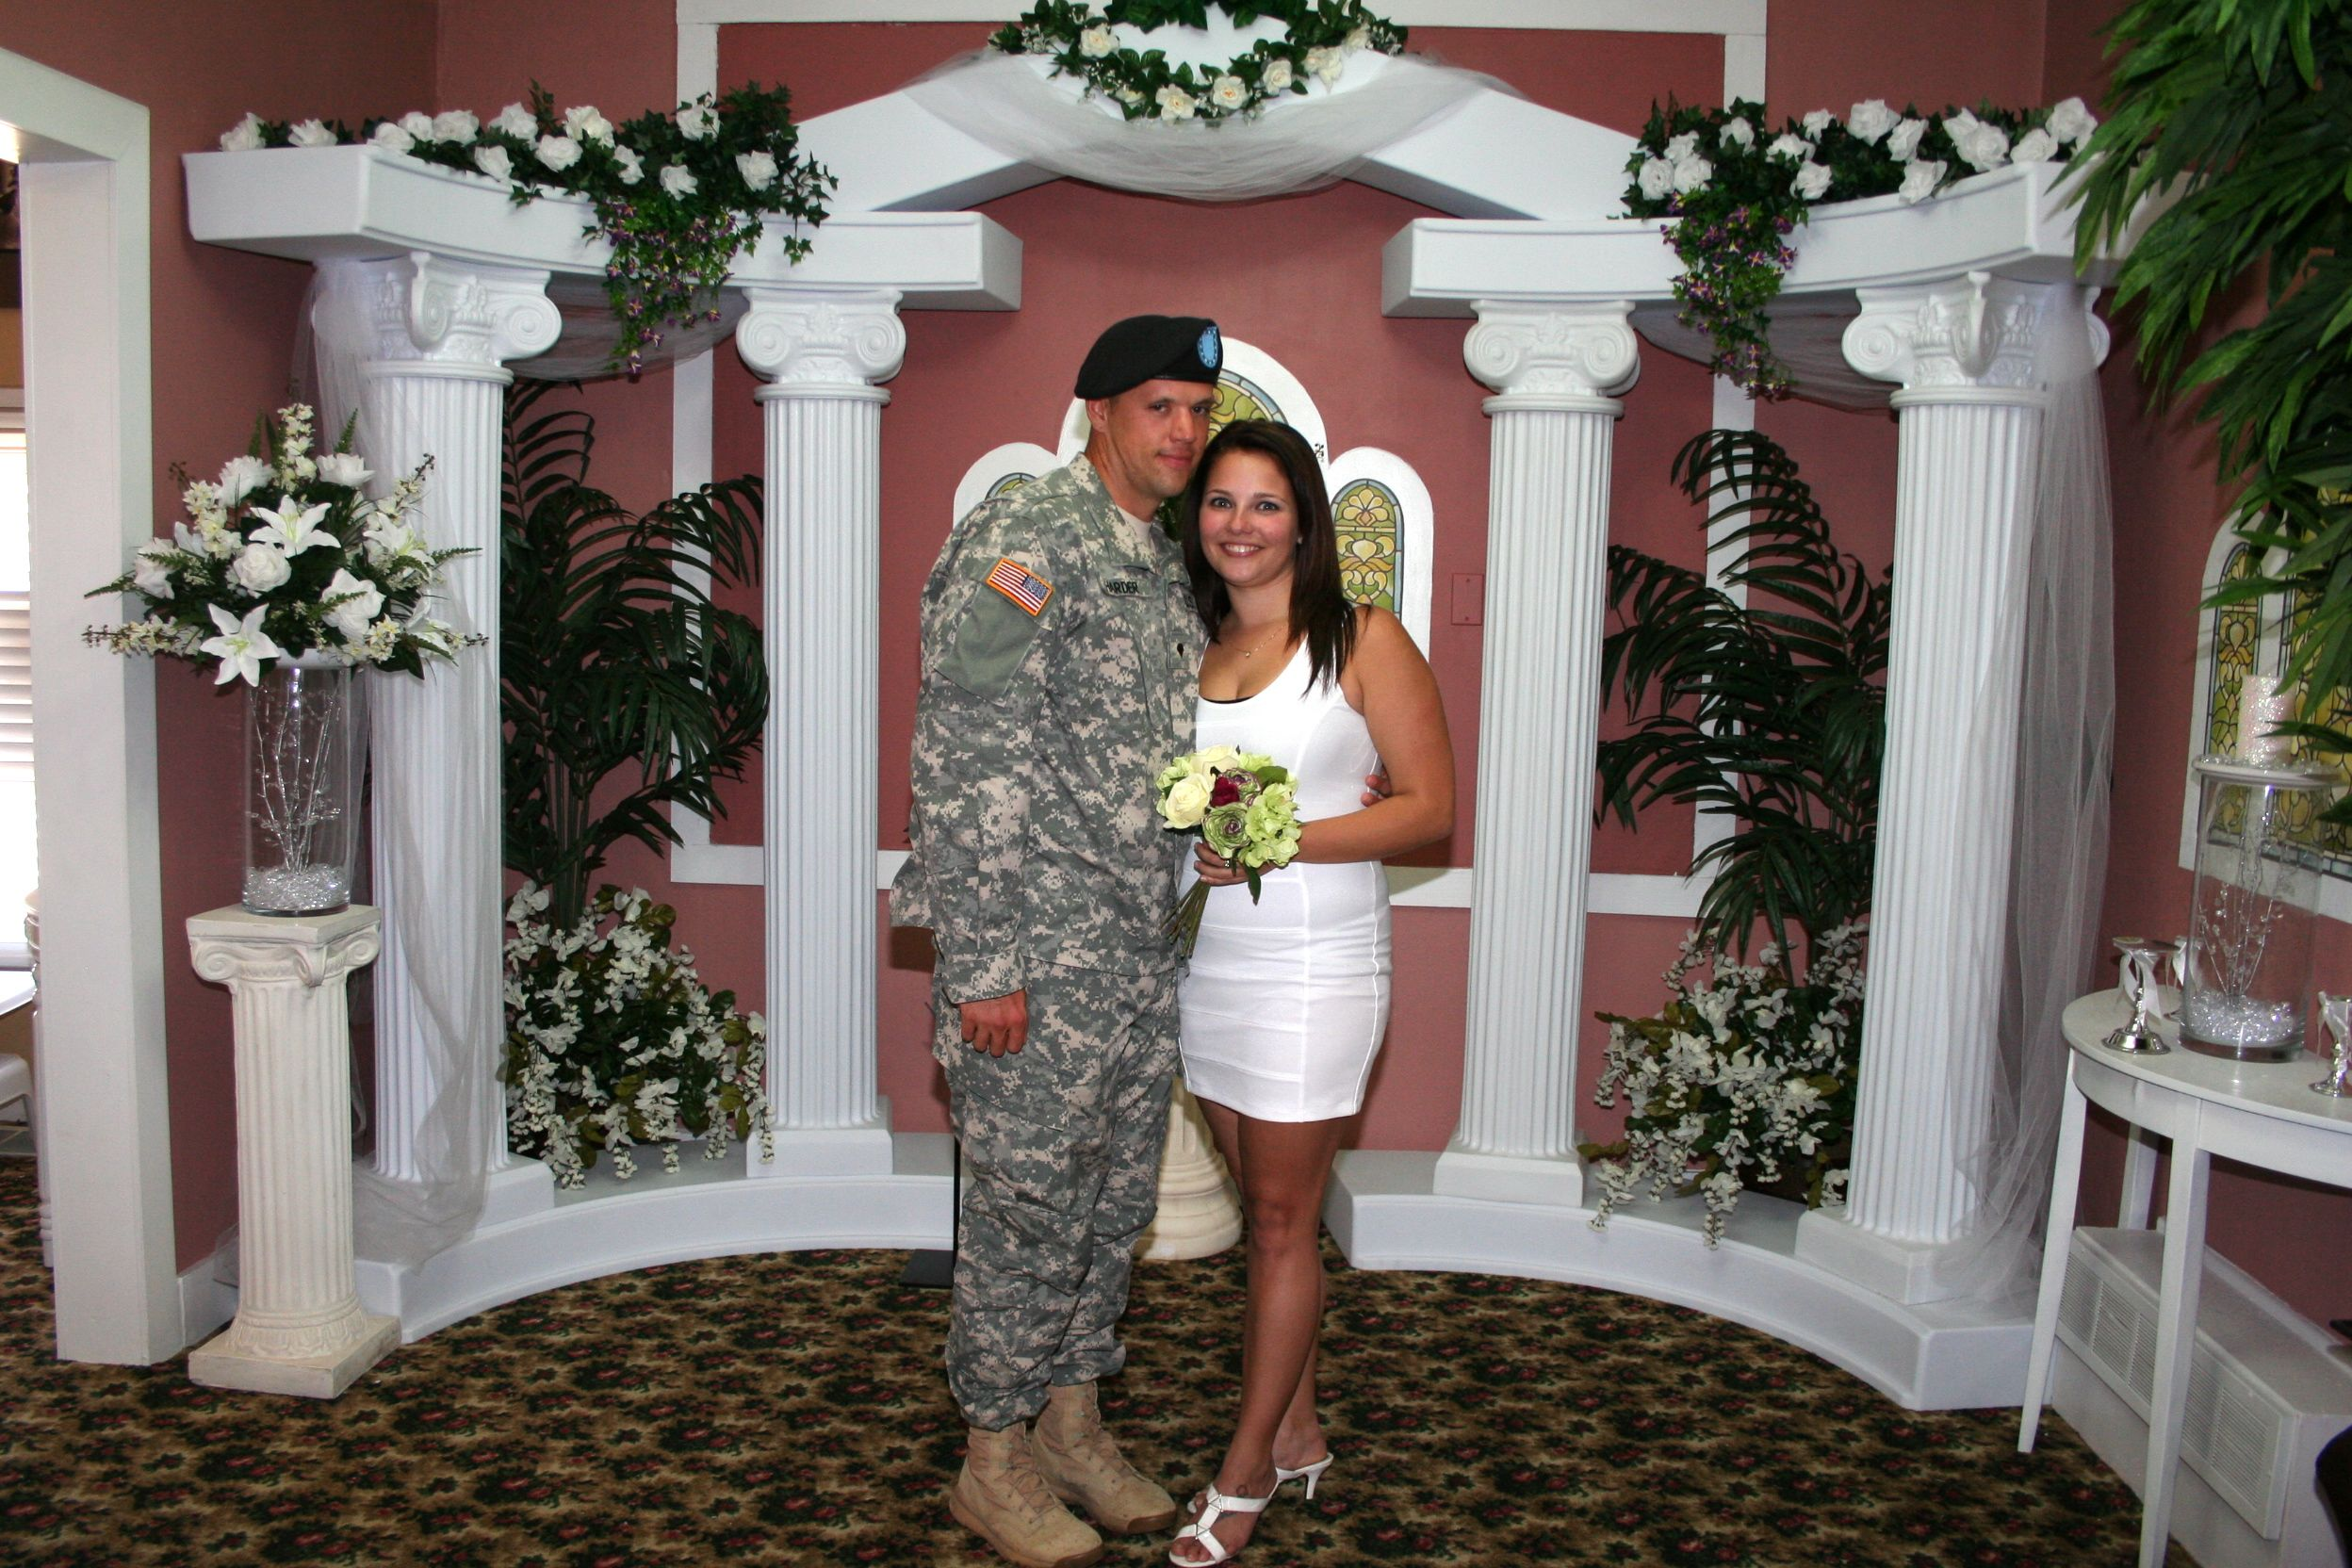 Elope in St Louis - St Louis Wedding Chapel